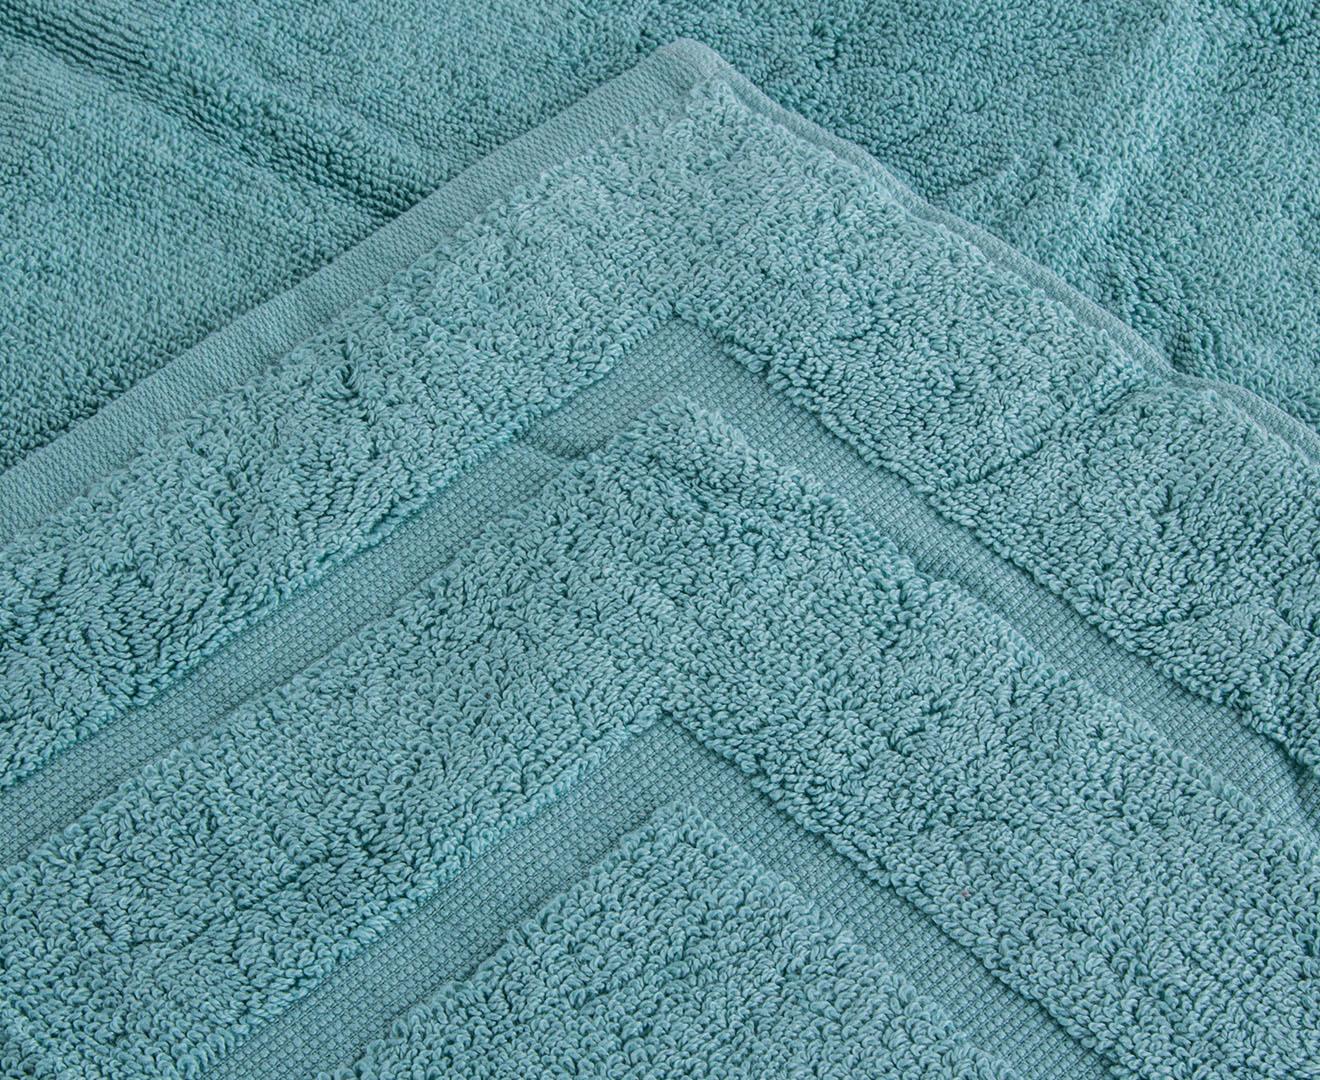 Scoopon Shopping Onkaparinga Egyptian Cotton 60x90cm